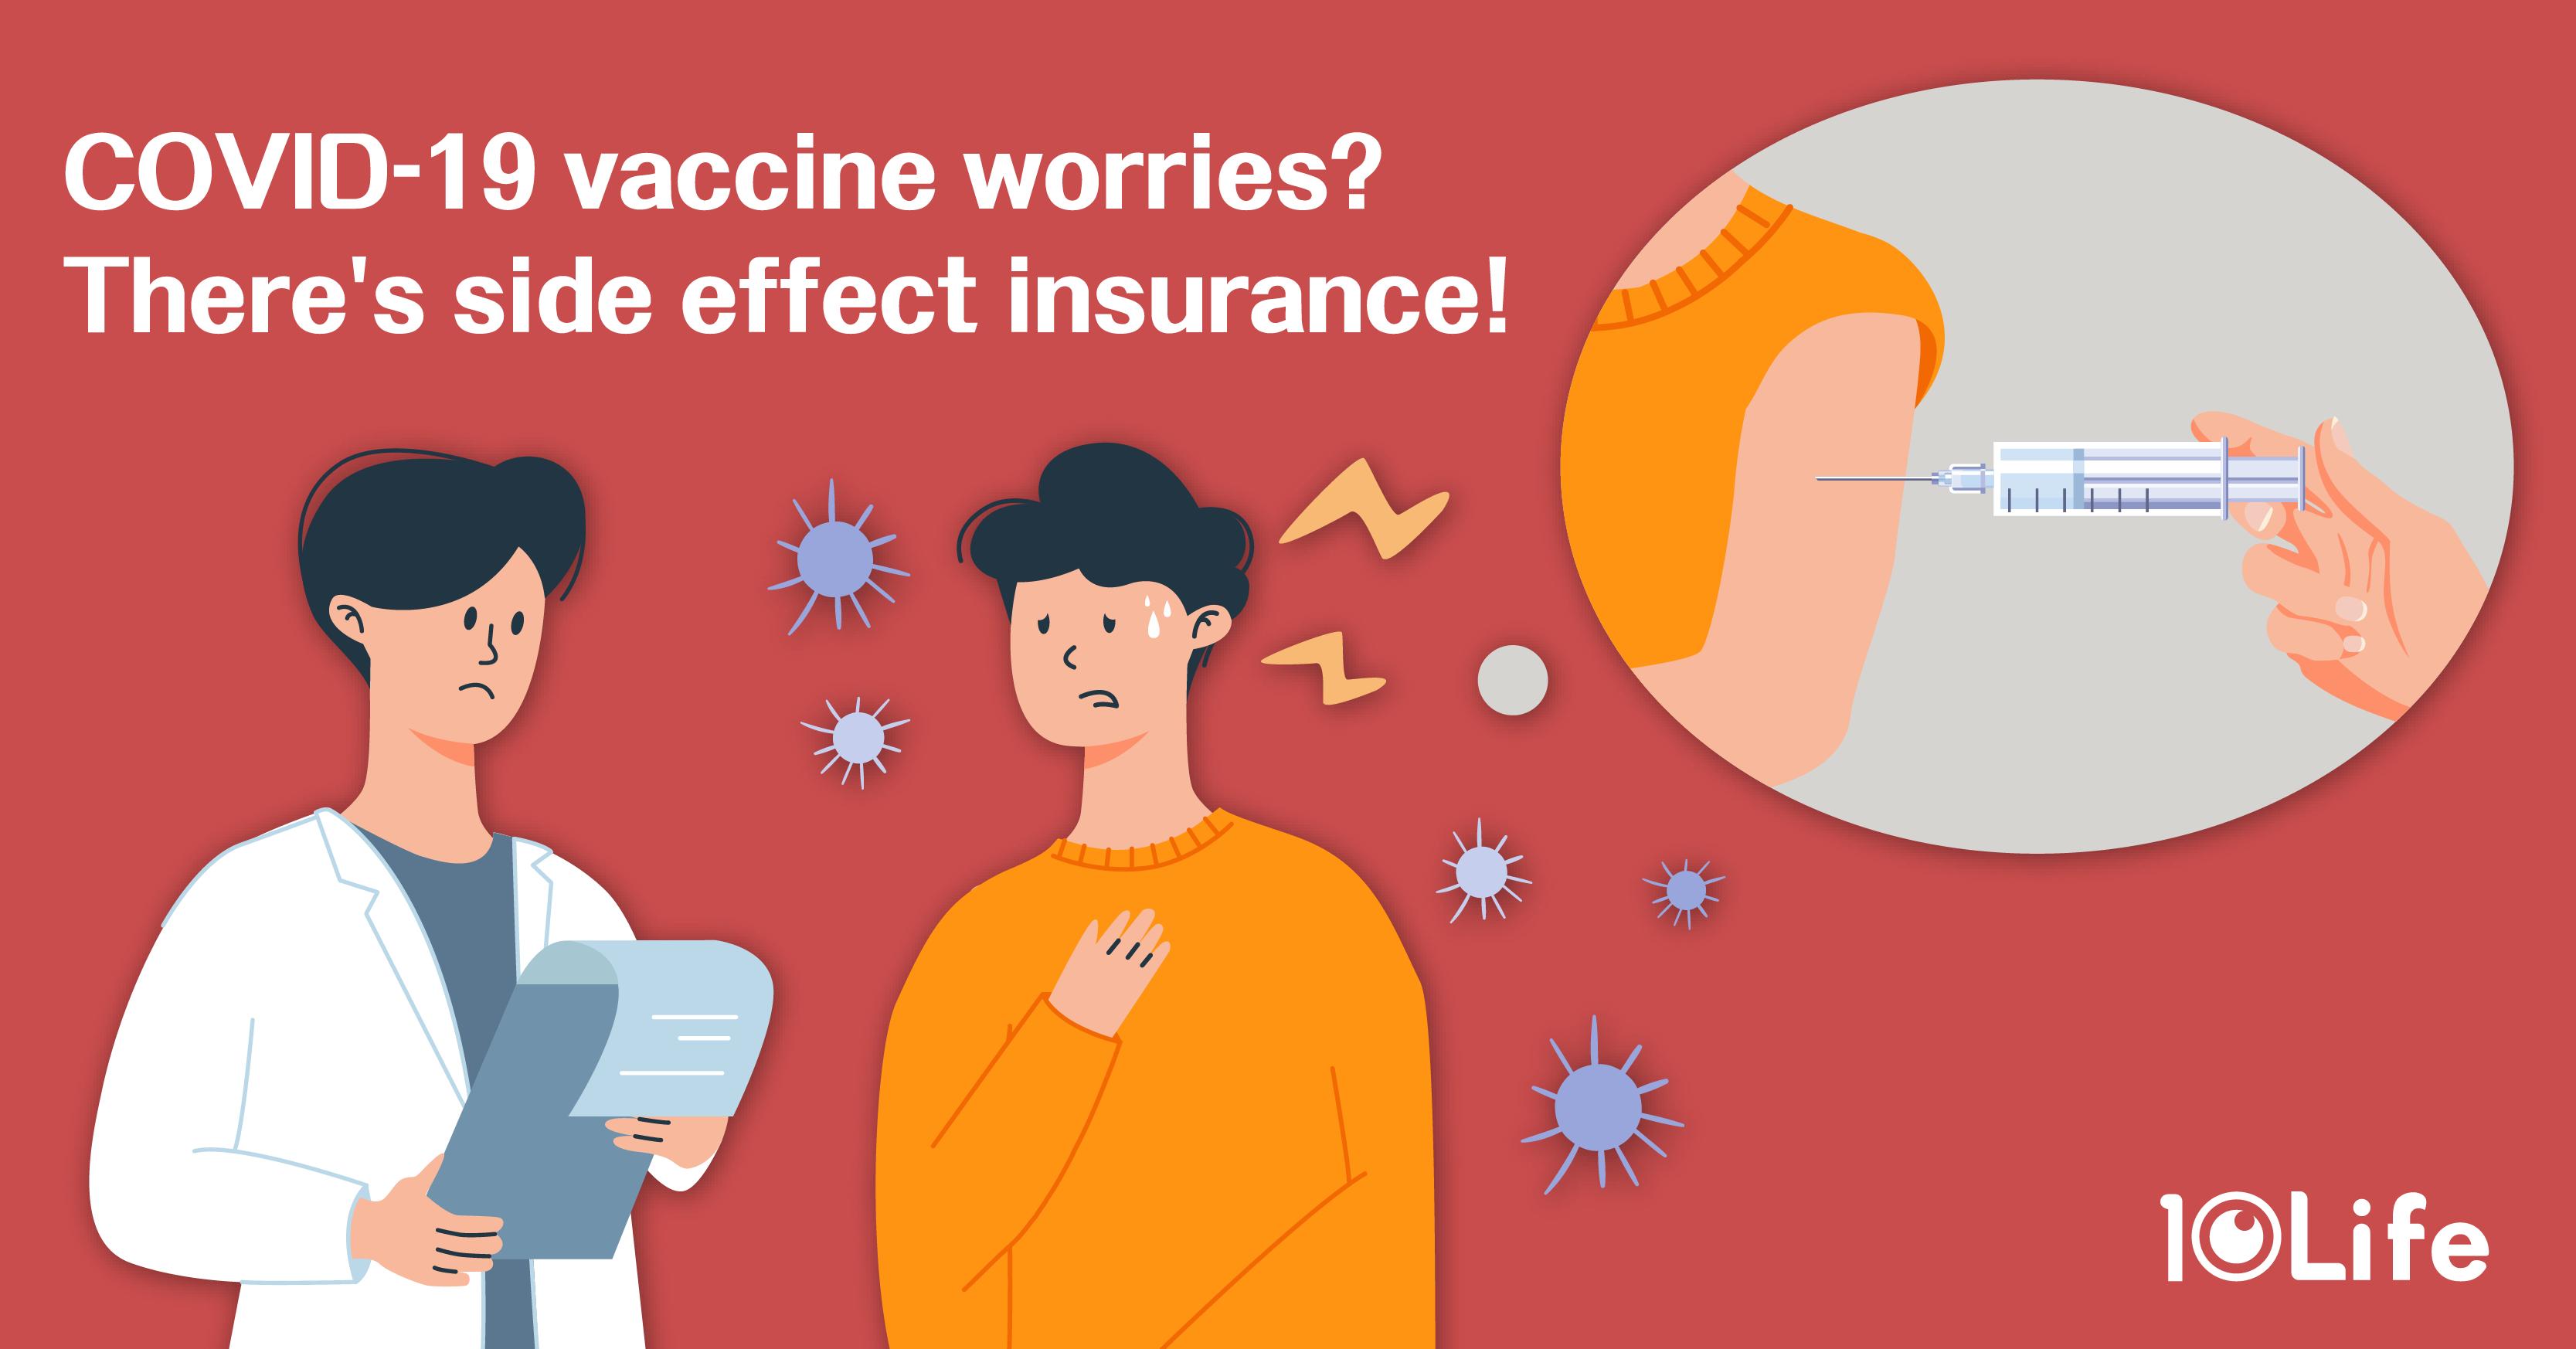 {COVID-19} Comparing Free Covid-19 Vaccine Side-effect Insurance